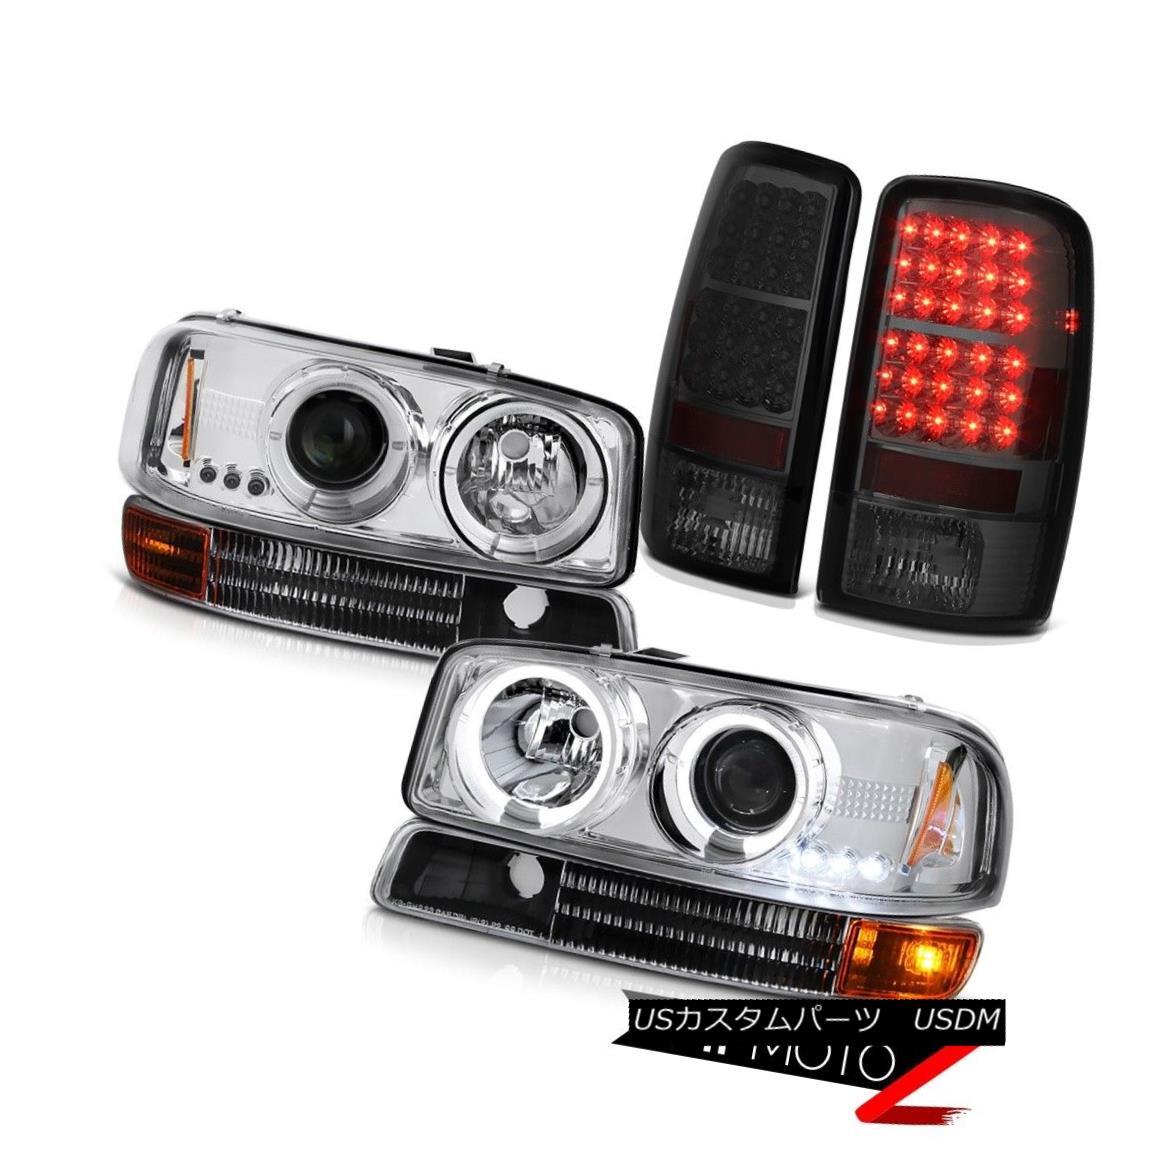 ヘッドライト Tinted LED Tail Light 00-06 Yukon Projector Clear Headlight Black Parking Bumper 着色テールライト00-06ユーコンプロジェクタークリアヘッドライトブラック駐車バンパー